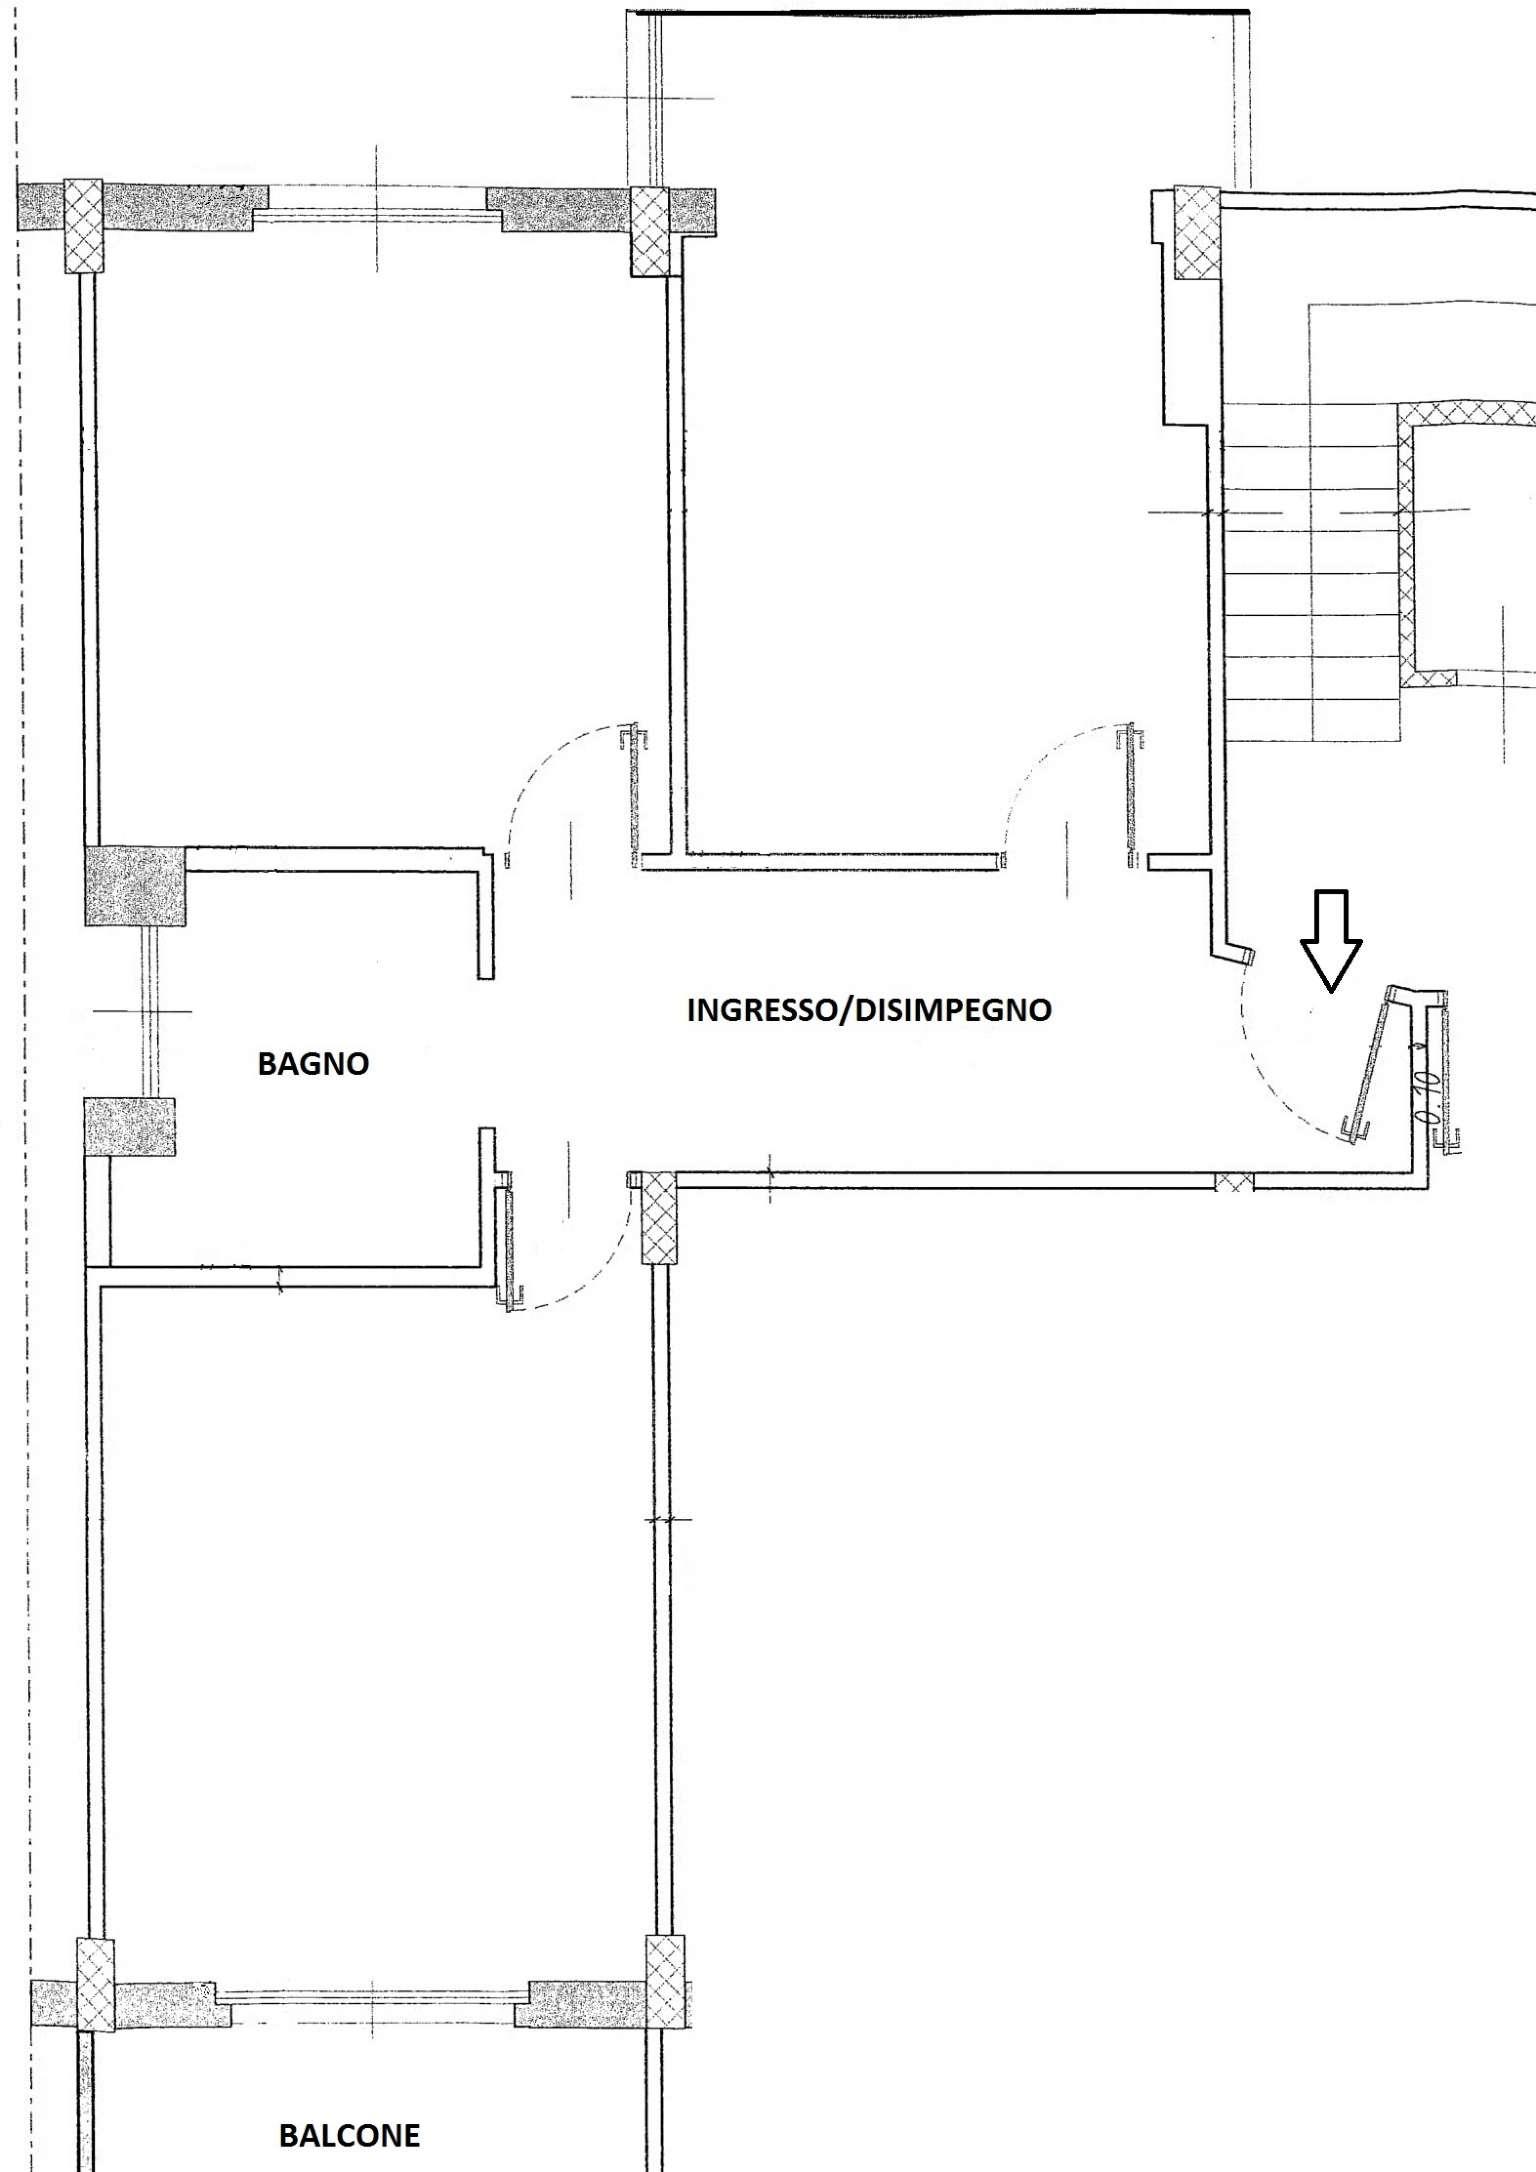 Ufficio / Studio in vendita a Sondrio, 3 locali, prezzo € 140.000 | CambioCasa.it